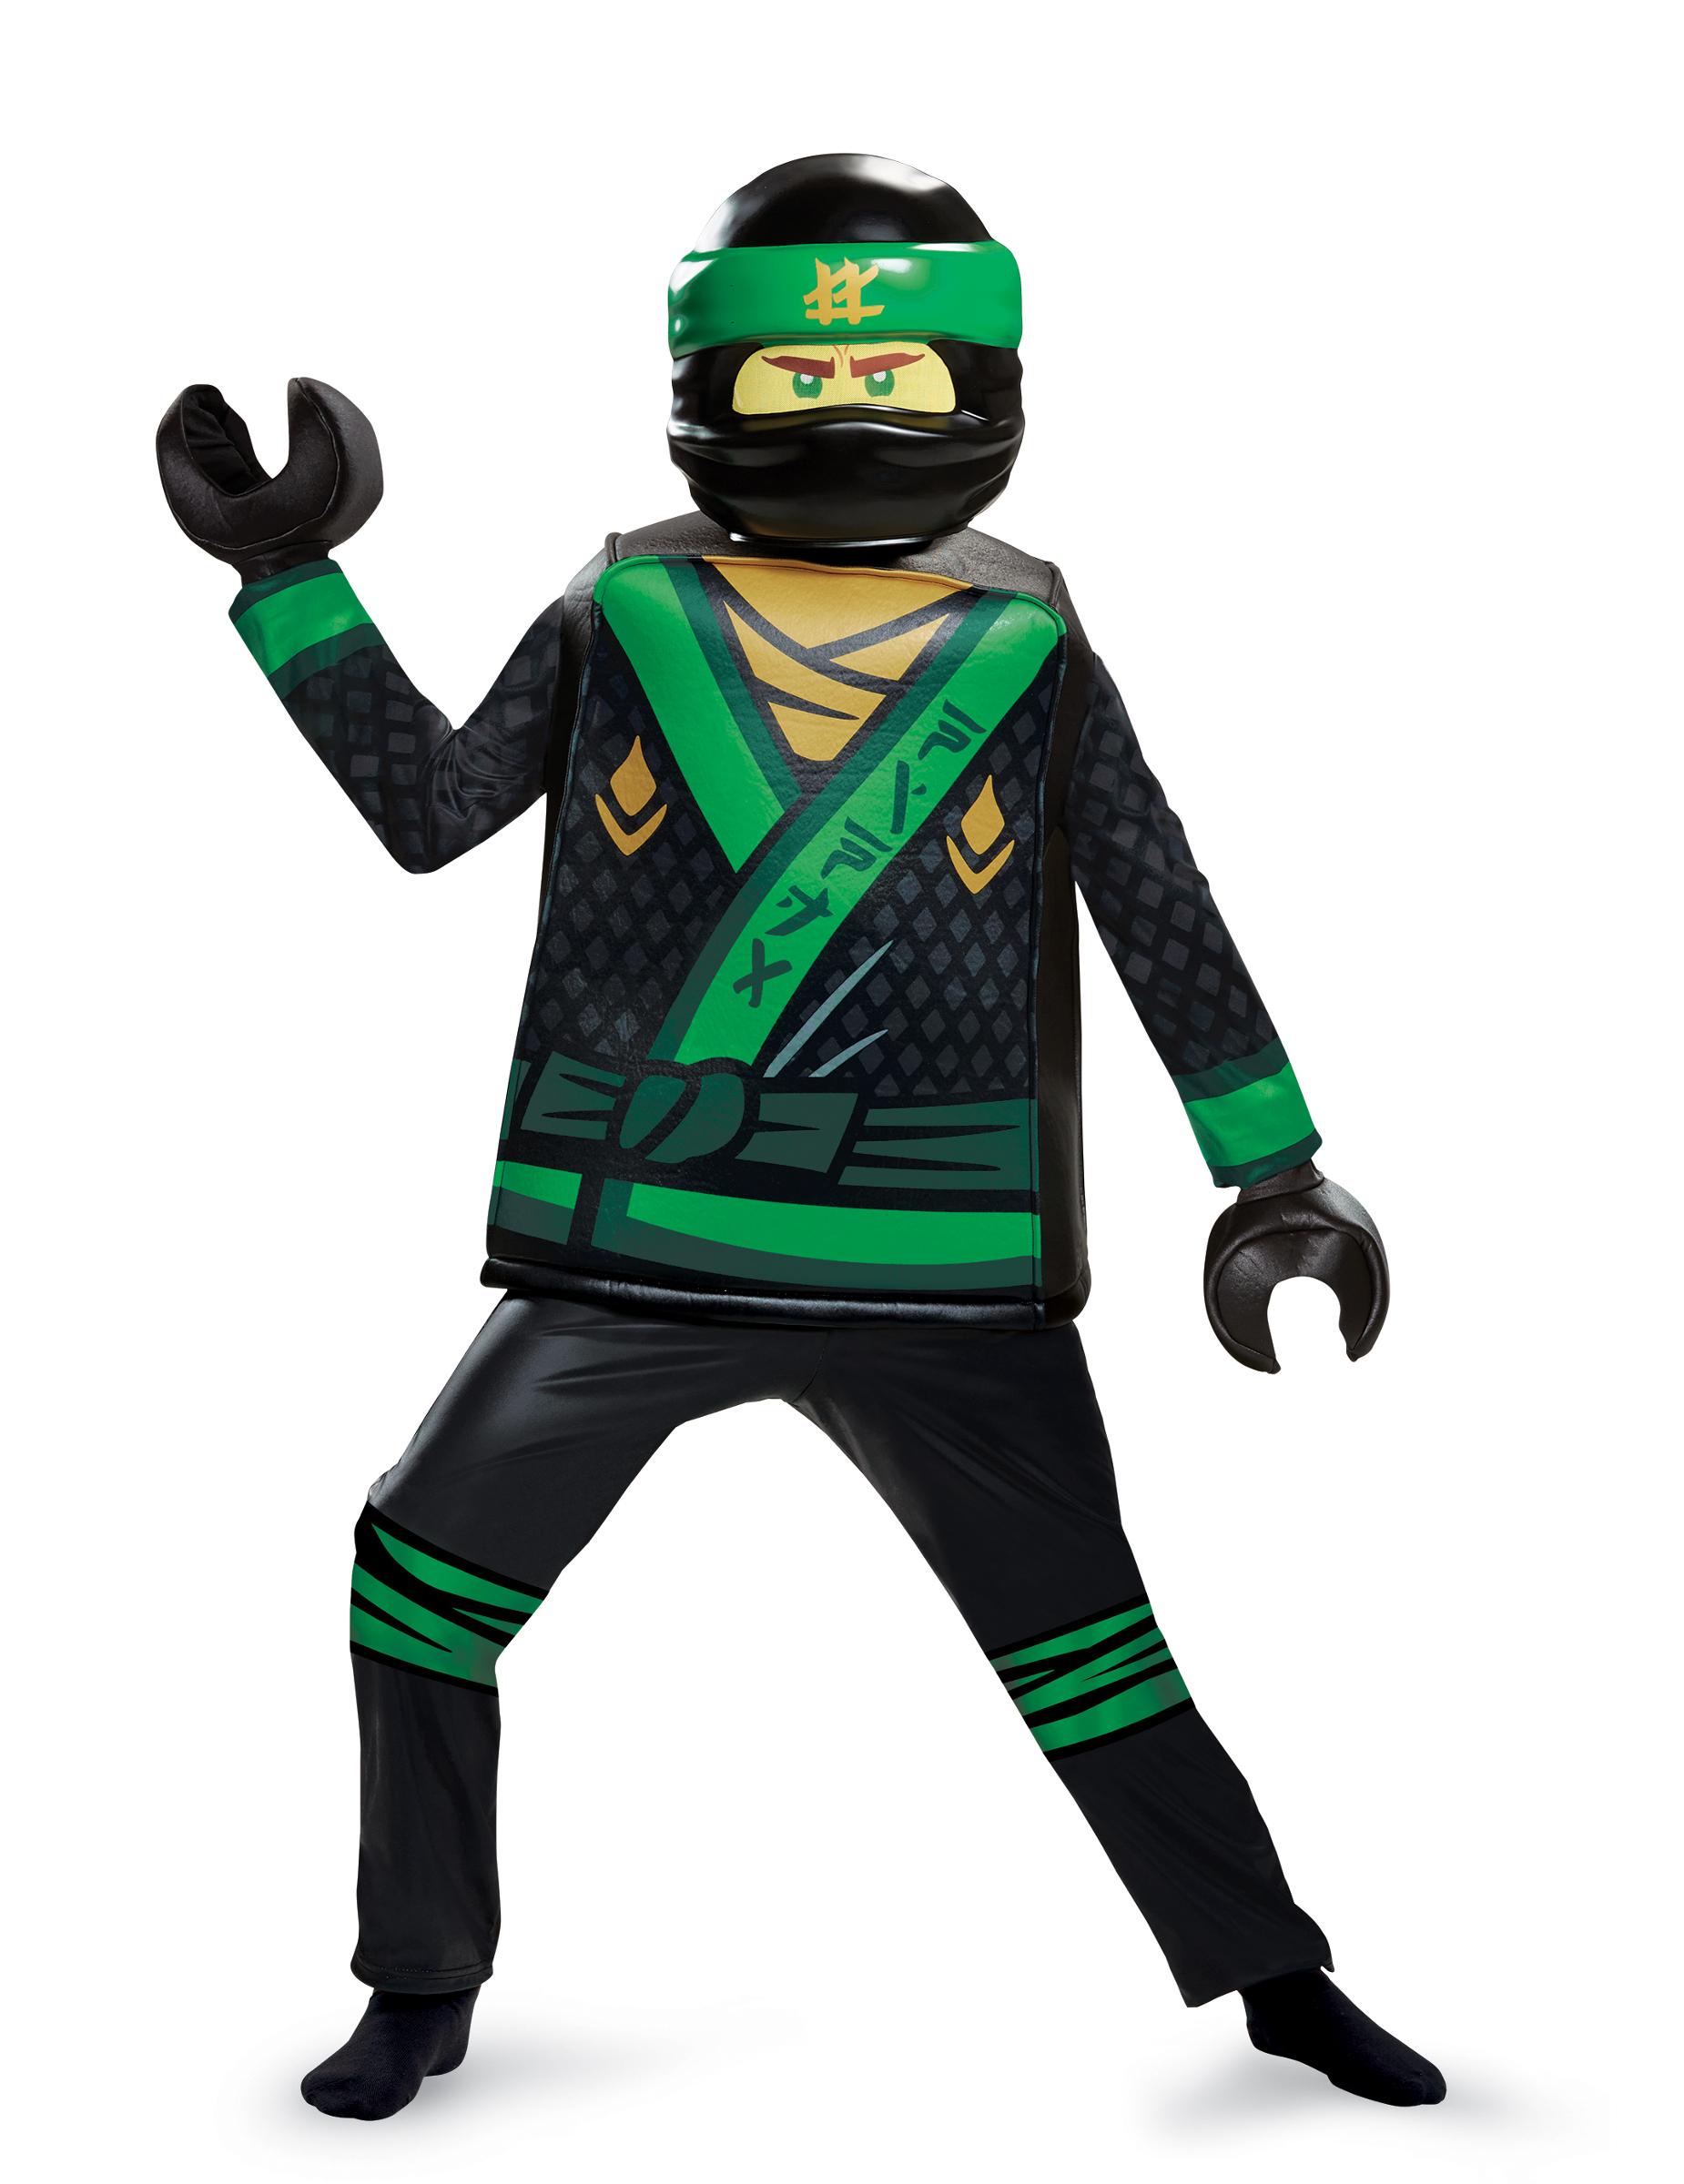 Costume deluxe Lloyd Lego Ninjago™ il film per bambino - Nuovo modello-1 ef0a2200a6a